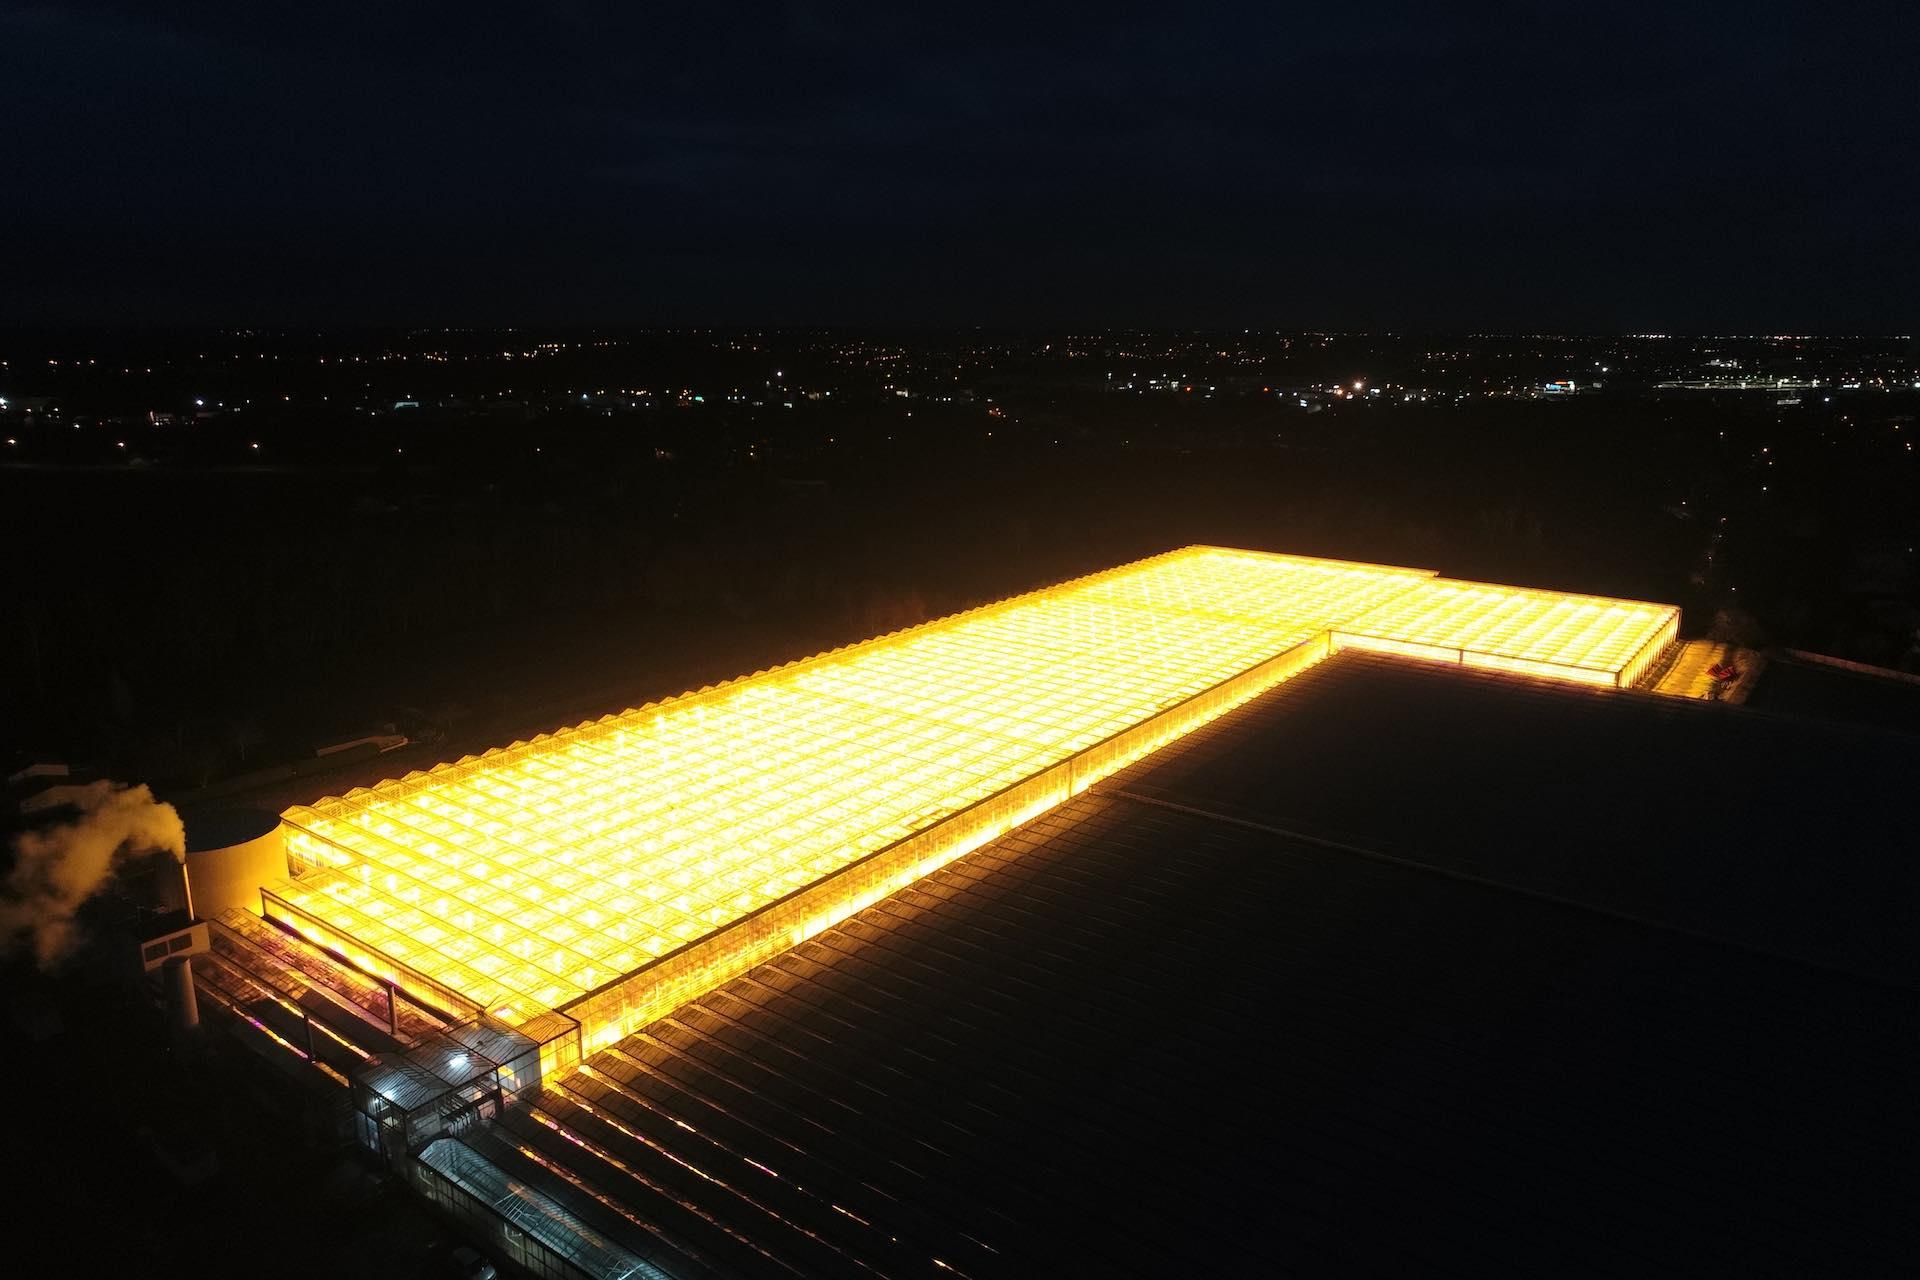 Vue par drone de nuit d'une installation Hortilux